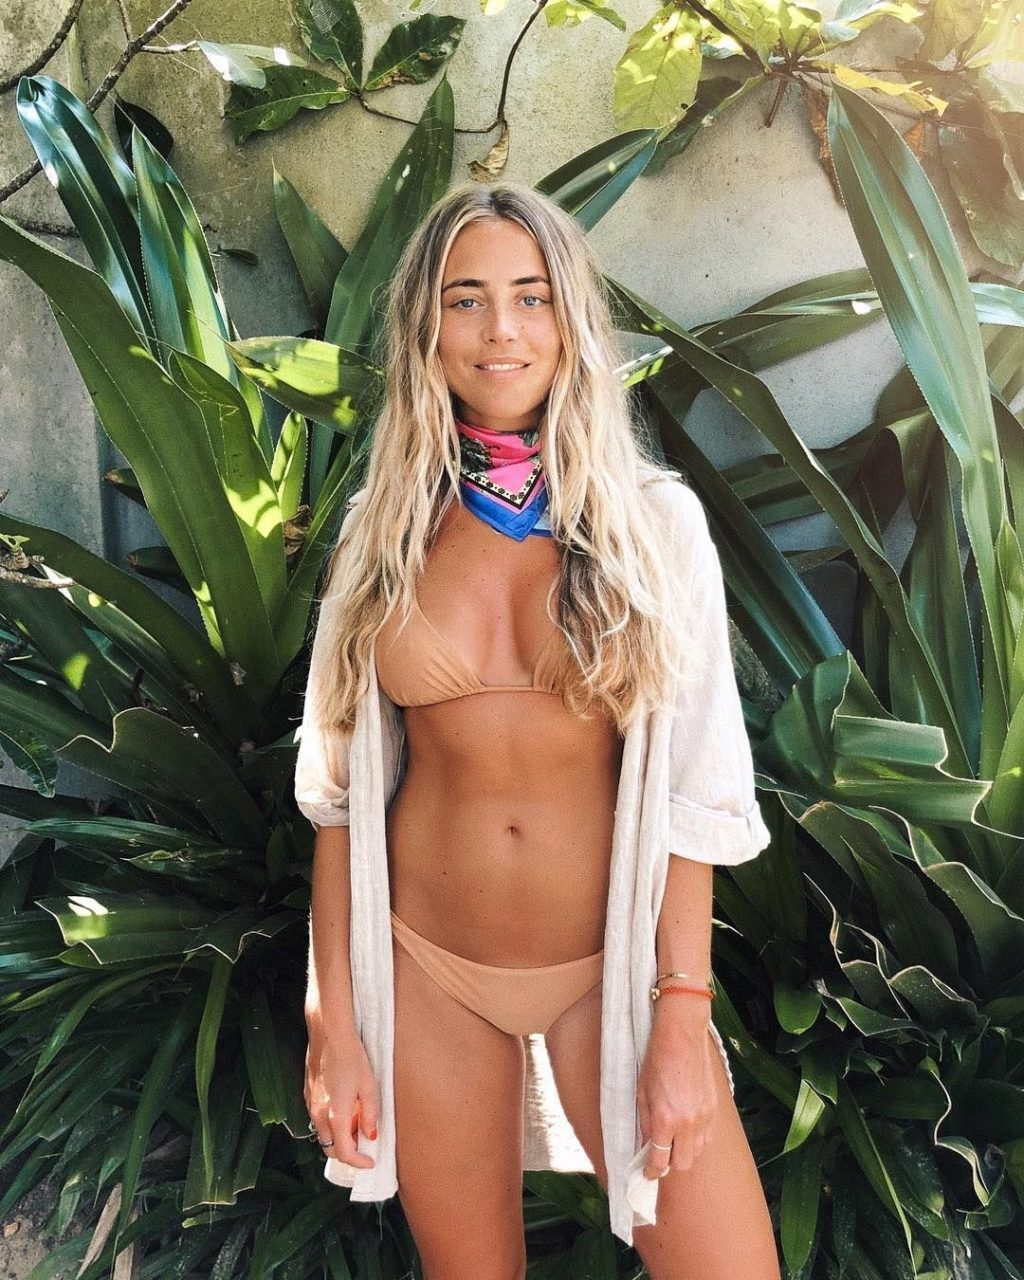 Naked janni deler Janni Deler